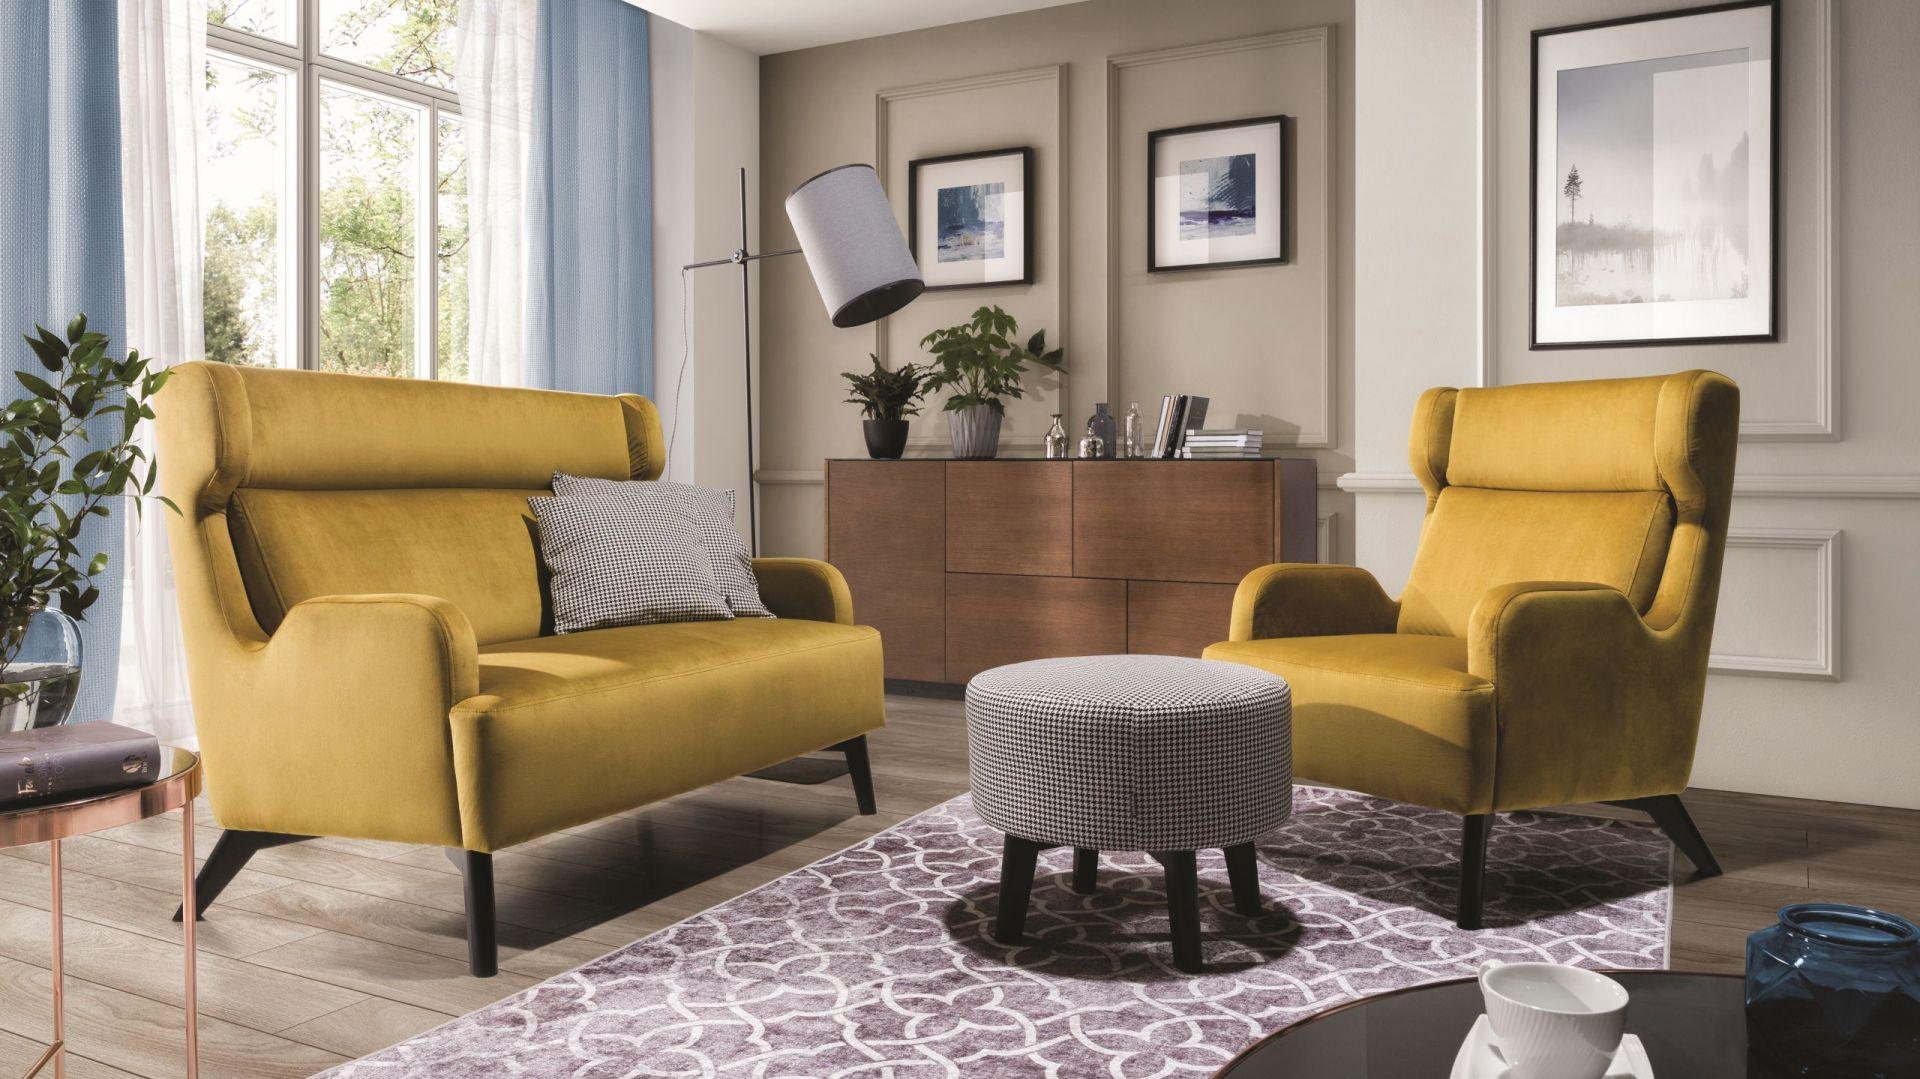 Wing to kompaktowy fotel i sofa o ciekawej stylowej formie, która świetnie współgra z eleganckim odcieniem tapicerki. Fot. Wajnert Meble